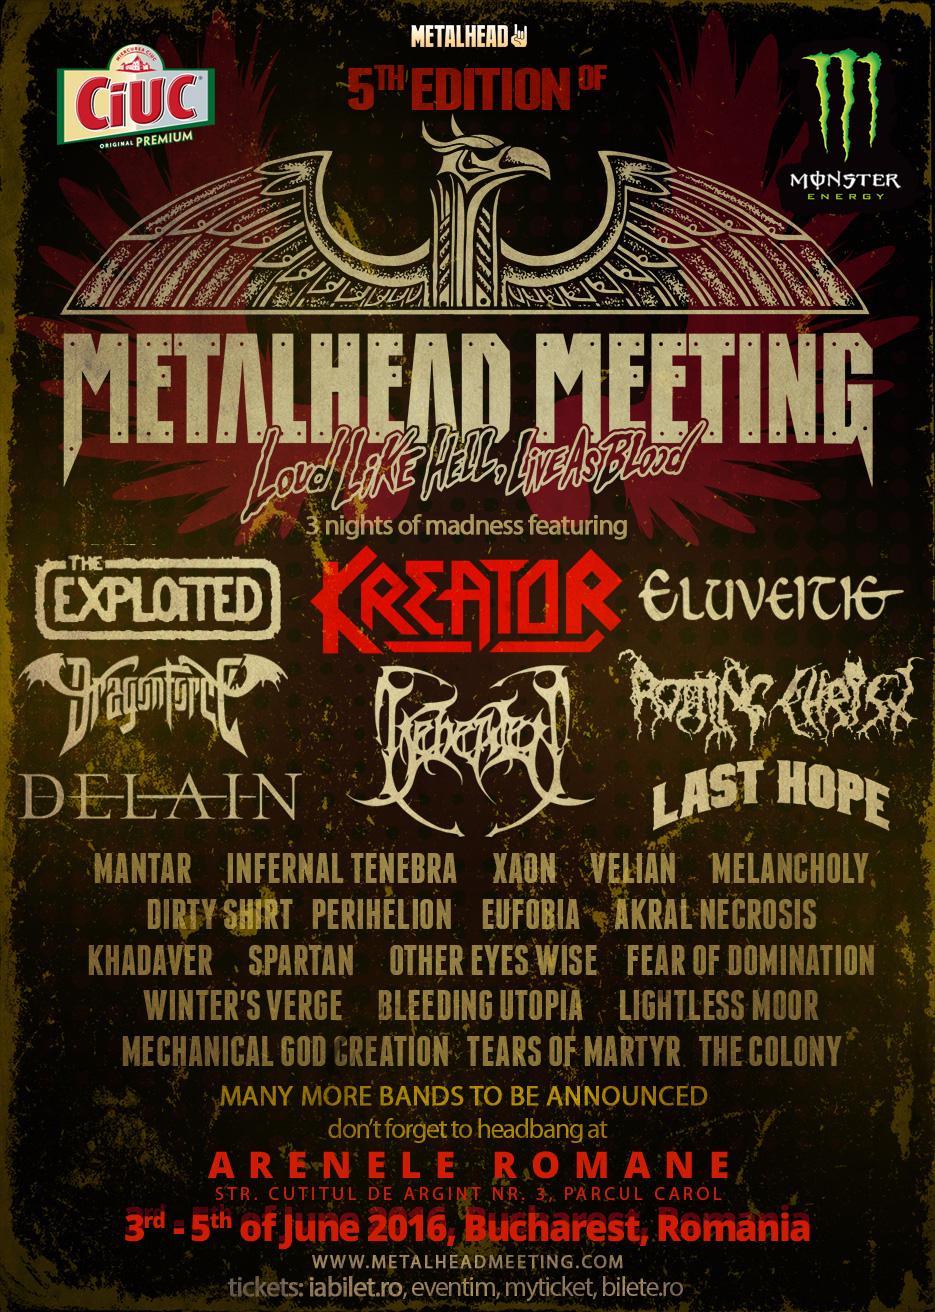 Bulgarii de la LAST HOPE canta la festivalul Metalhead Meeting 2016